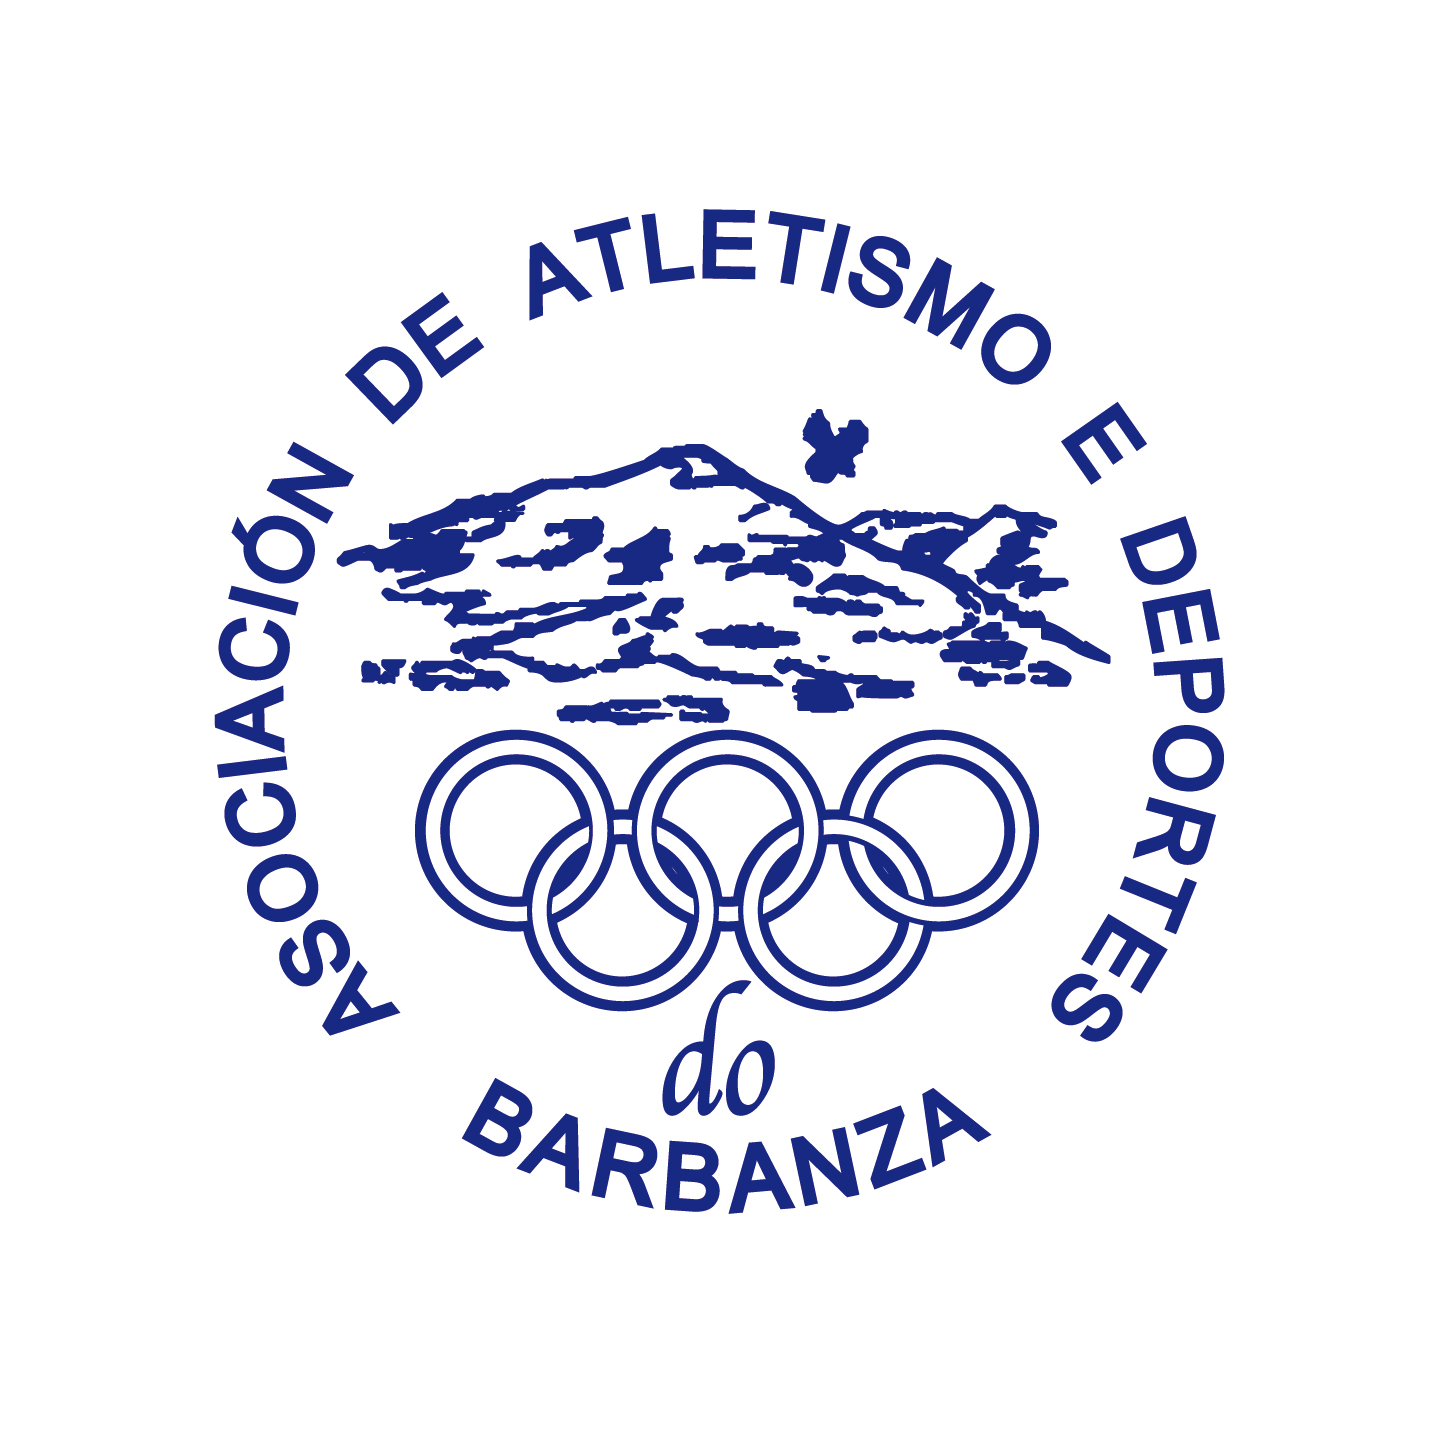 Asociación de Atletismo e Deportes do Barbanza